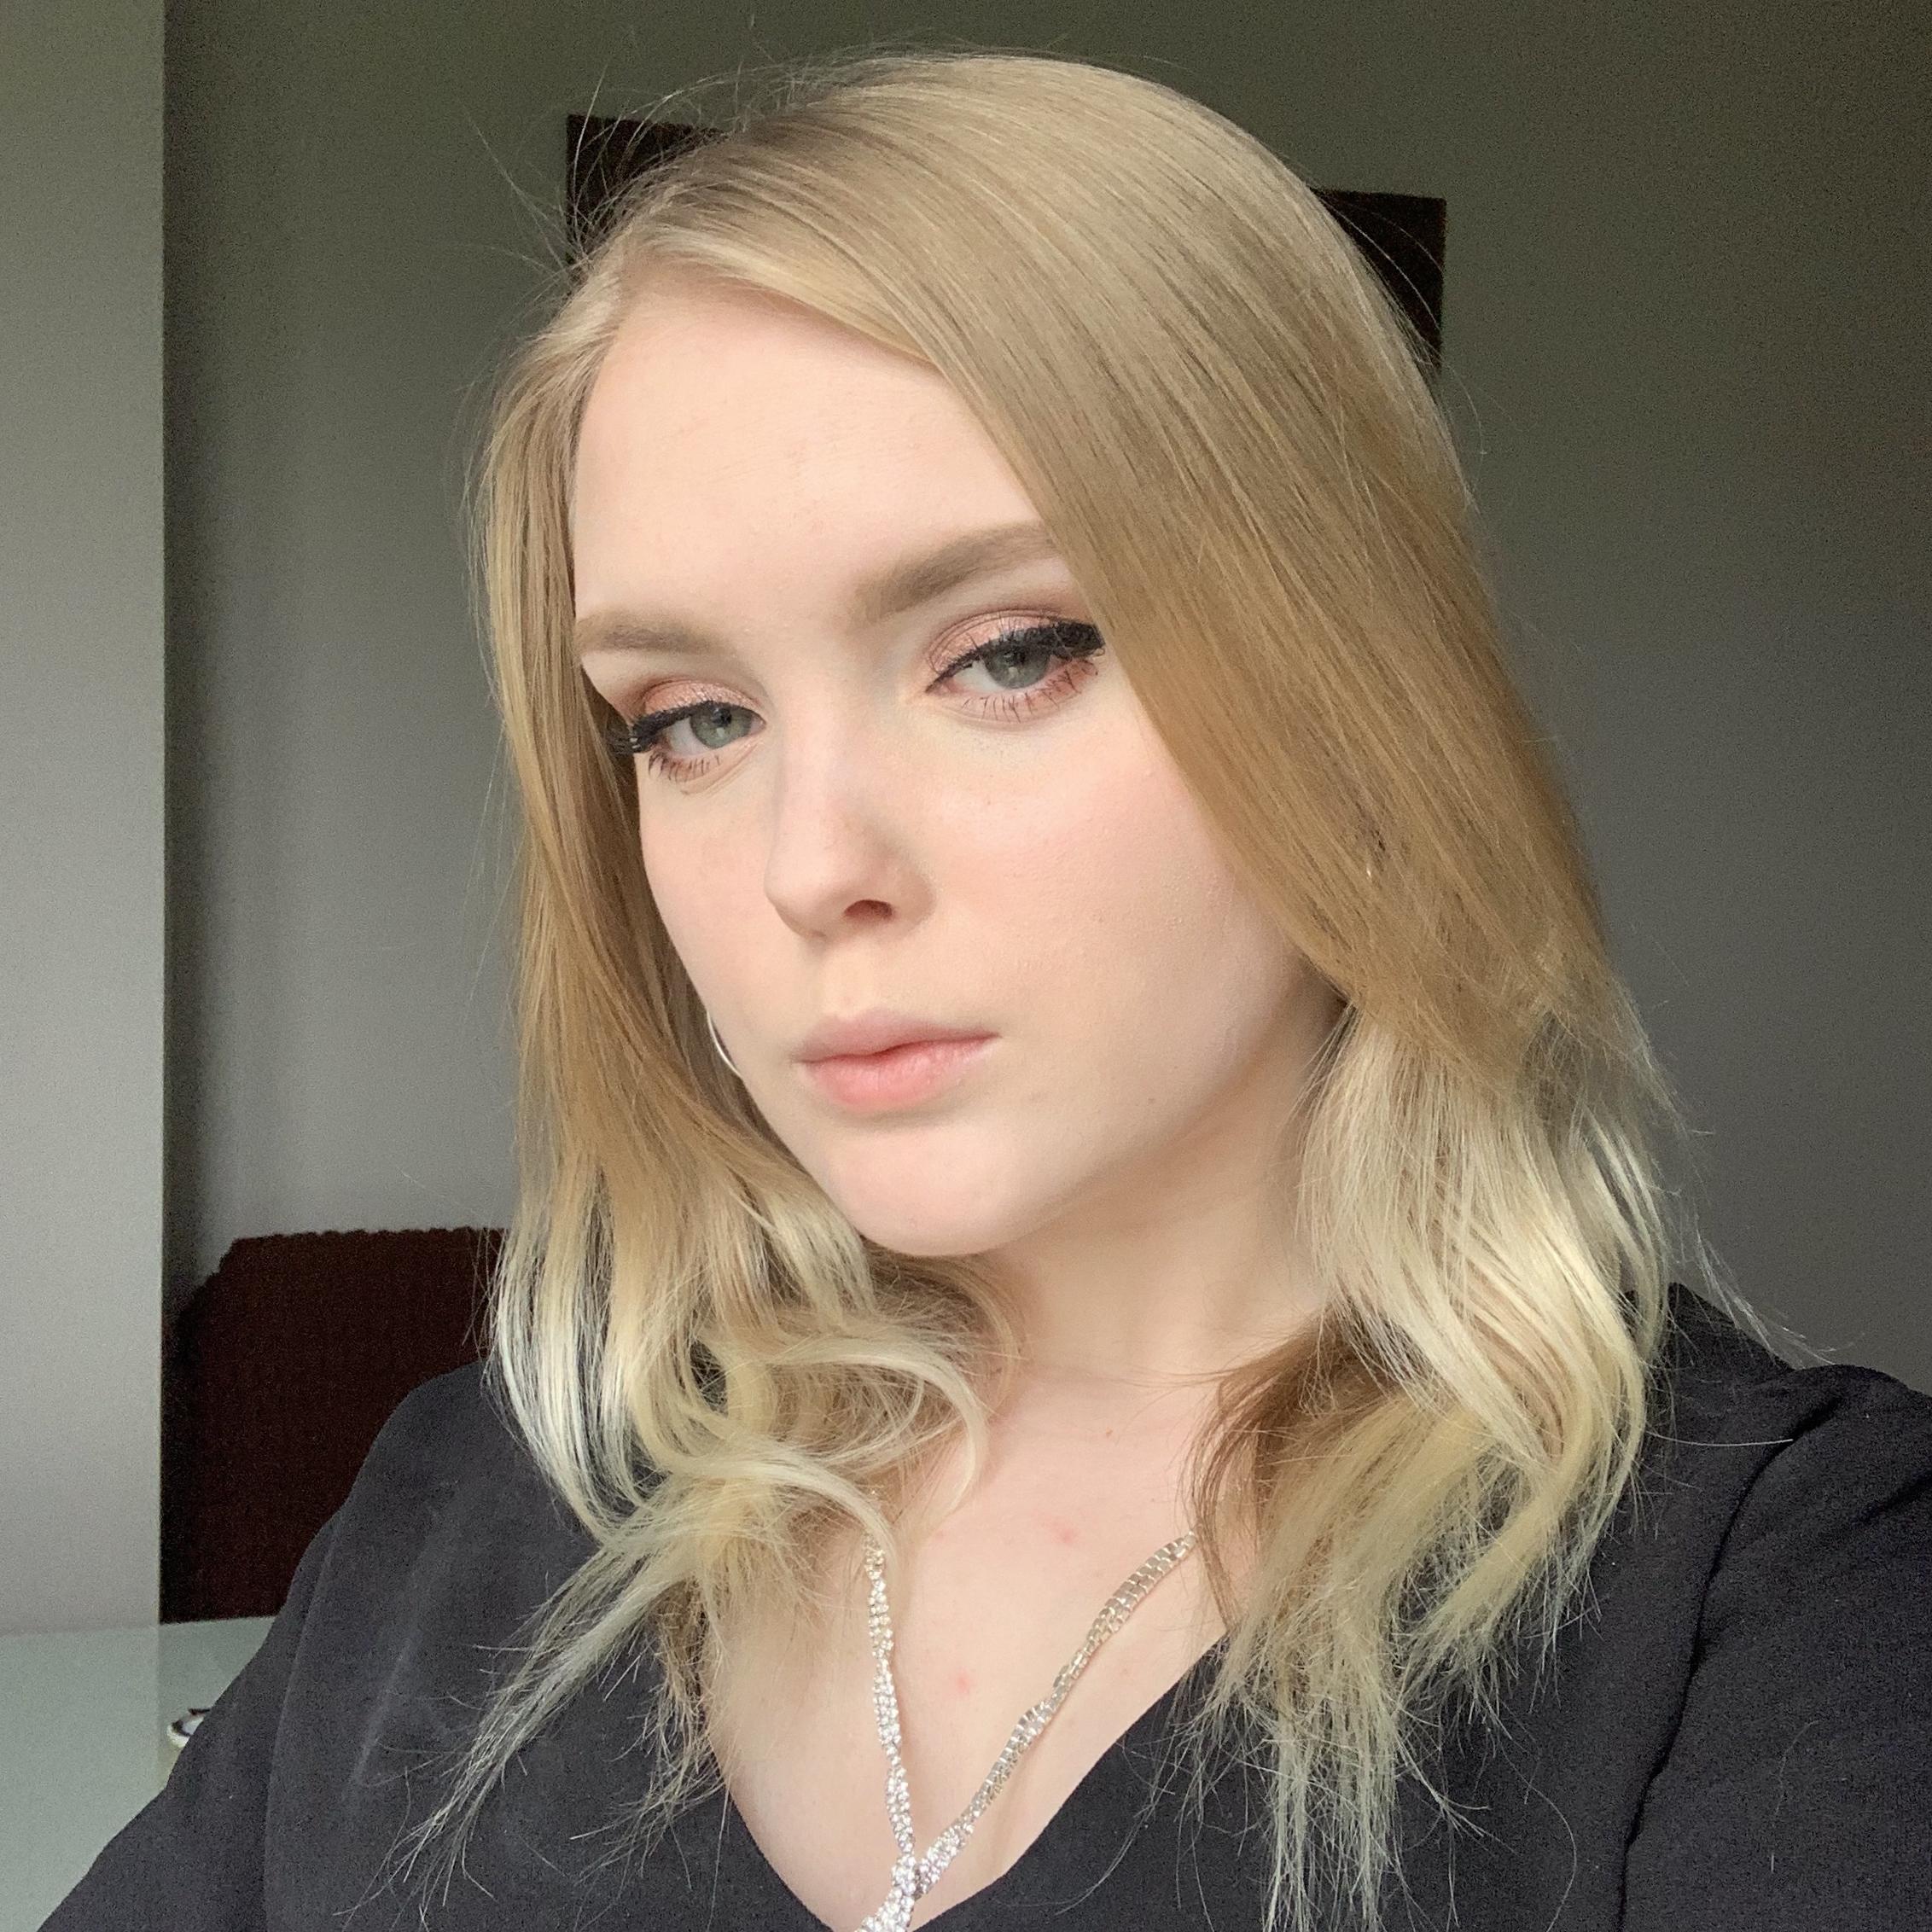 Фото Репетитора: Анастасия, 18 лет